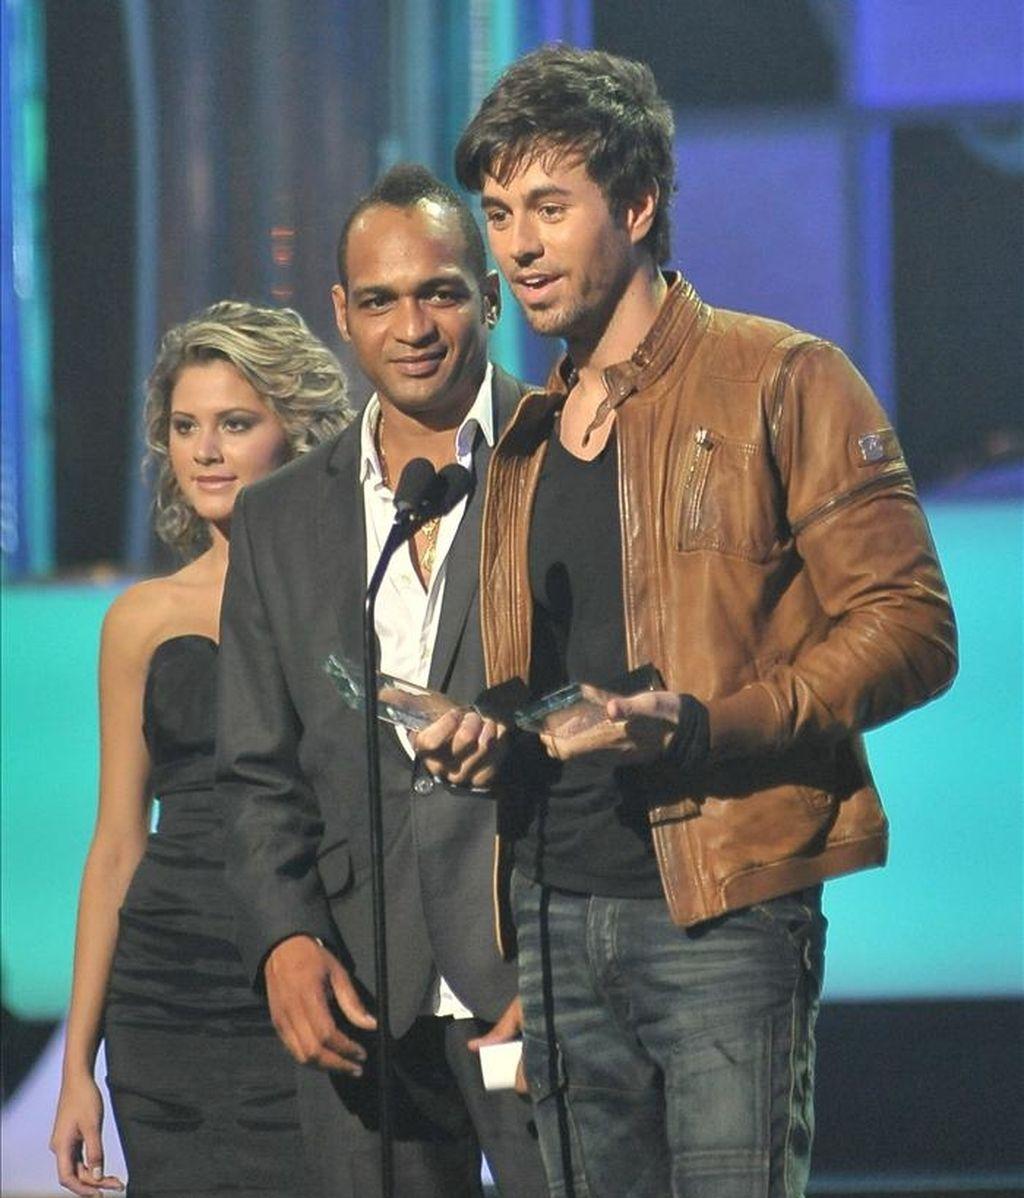 El cantante español Enrique Iglesias recibe su galardón durante la ceremonia de entrega de los Premios Billboard Latino en Coral Gables, Florida (EEUU). EFE